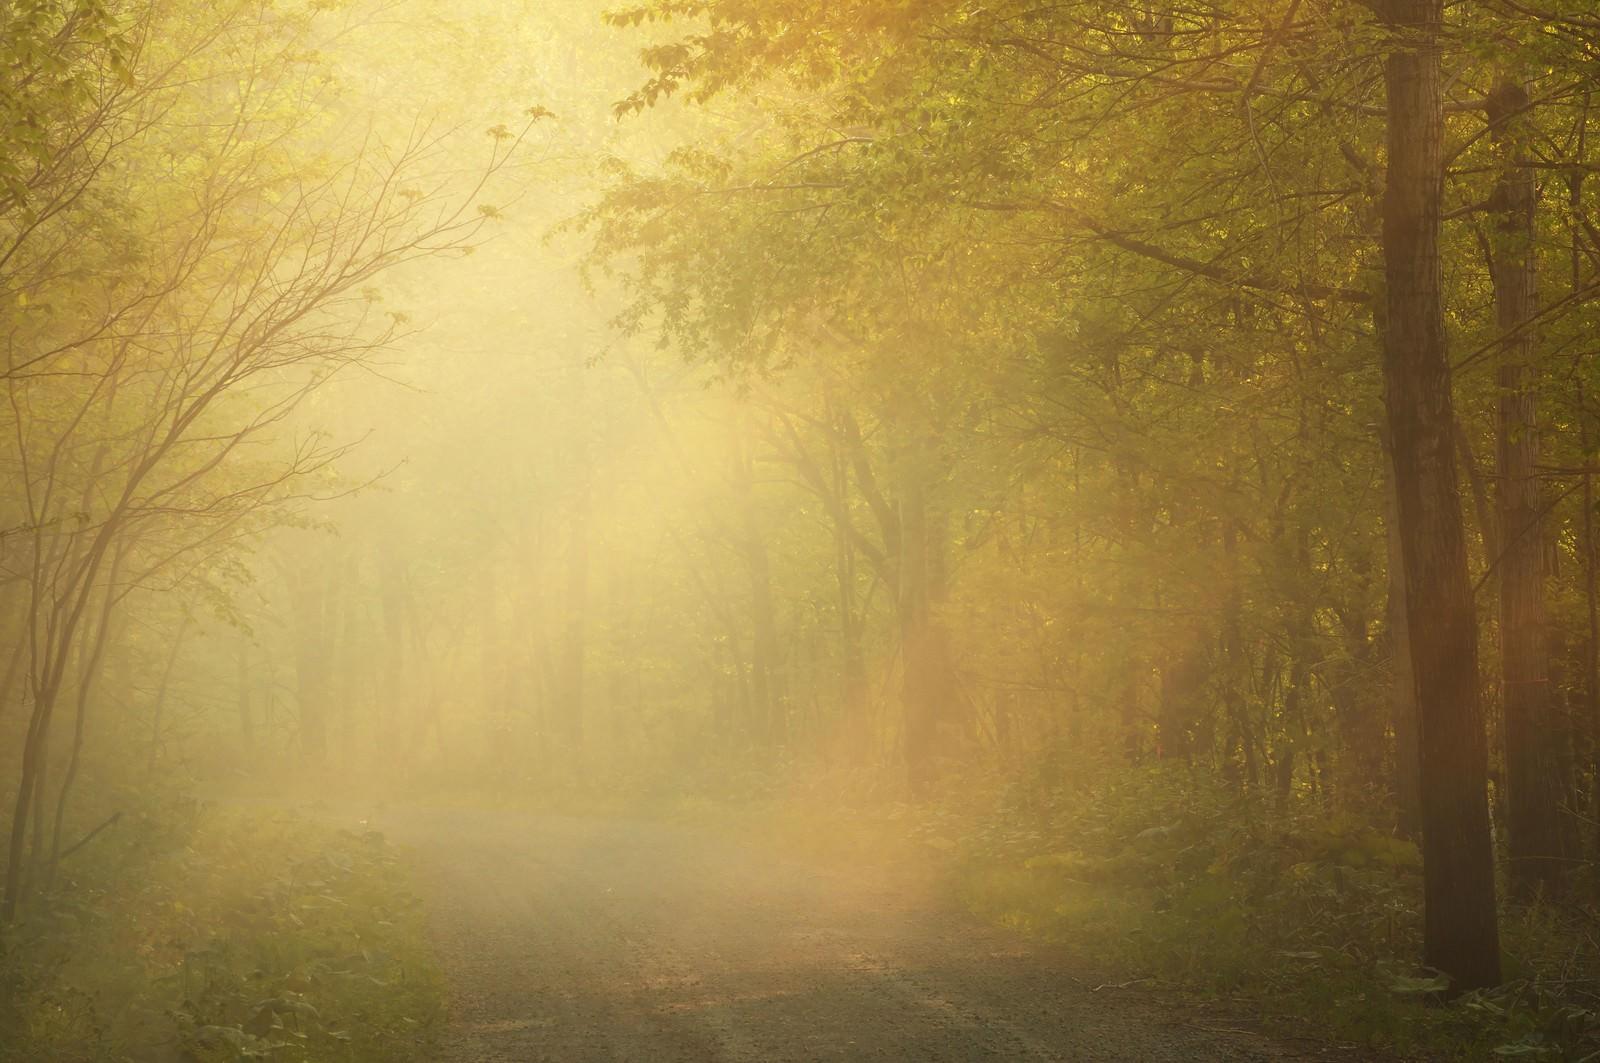 「朝靄に包まれて」の写真